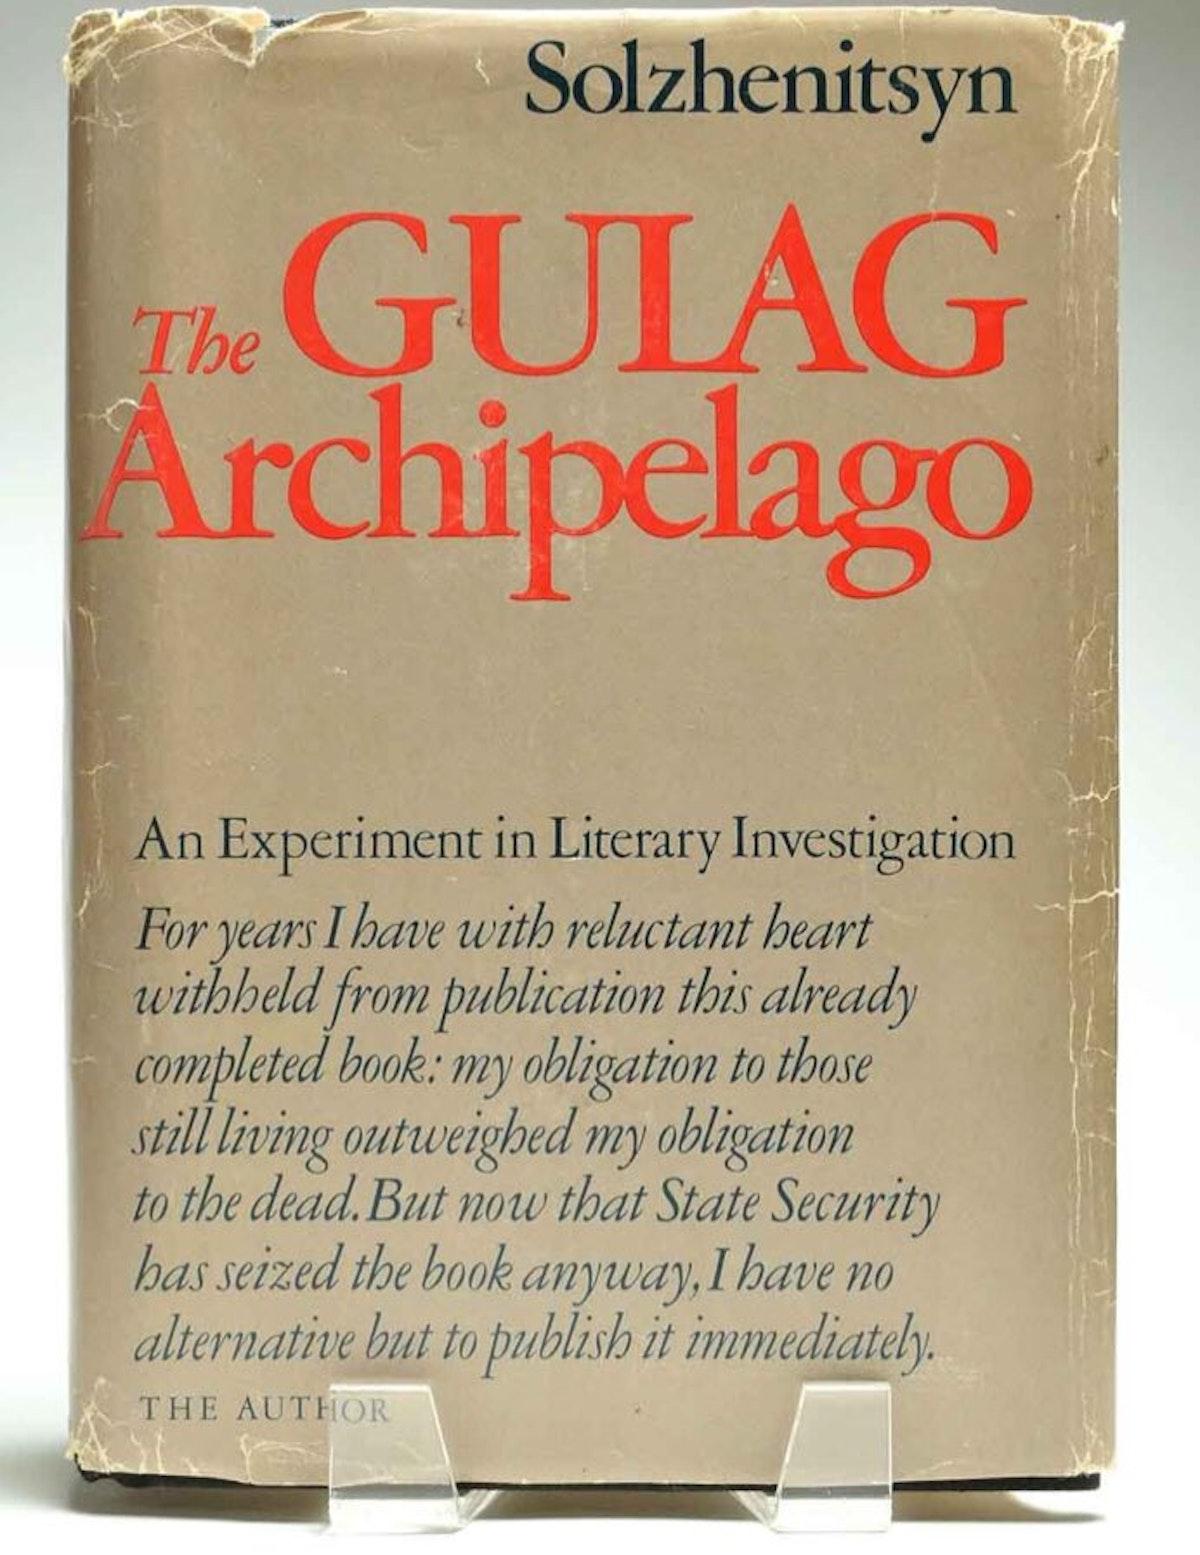 """غلاف رواية """"أرخبيل الغولاغ"""" للكاتب الروسي ألكسندر سولجينتسين - Twitter/@chambleebrandel"""